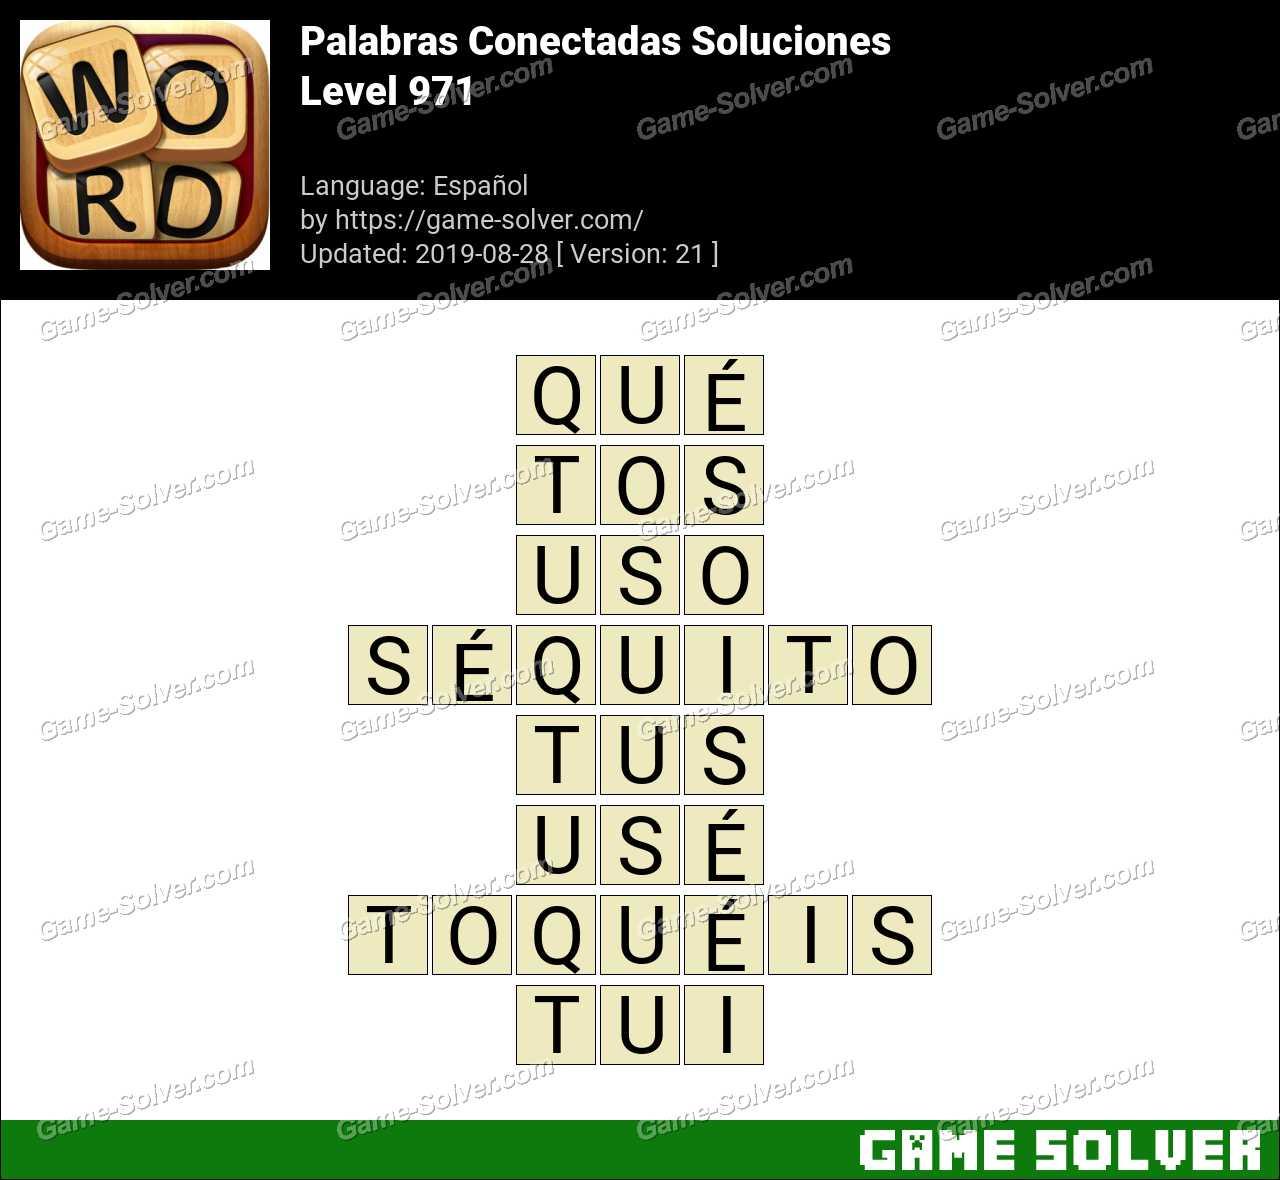 Palabras Conectadas Nivel 971 Soluciones